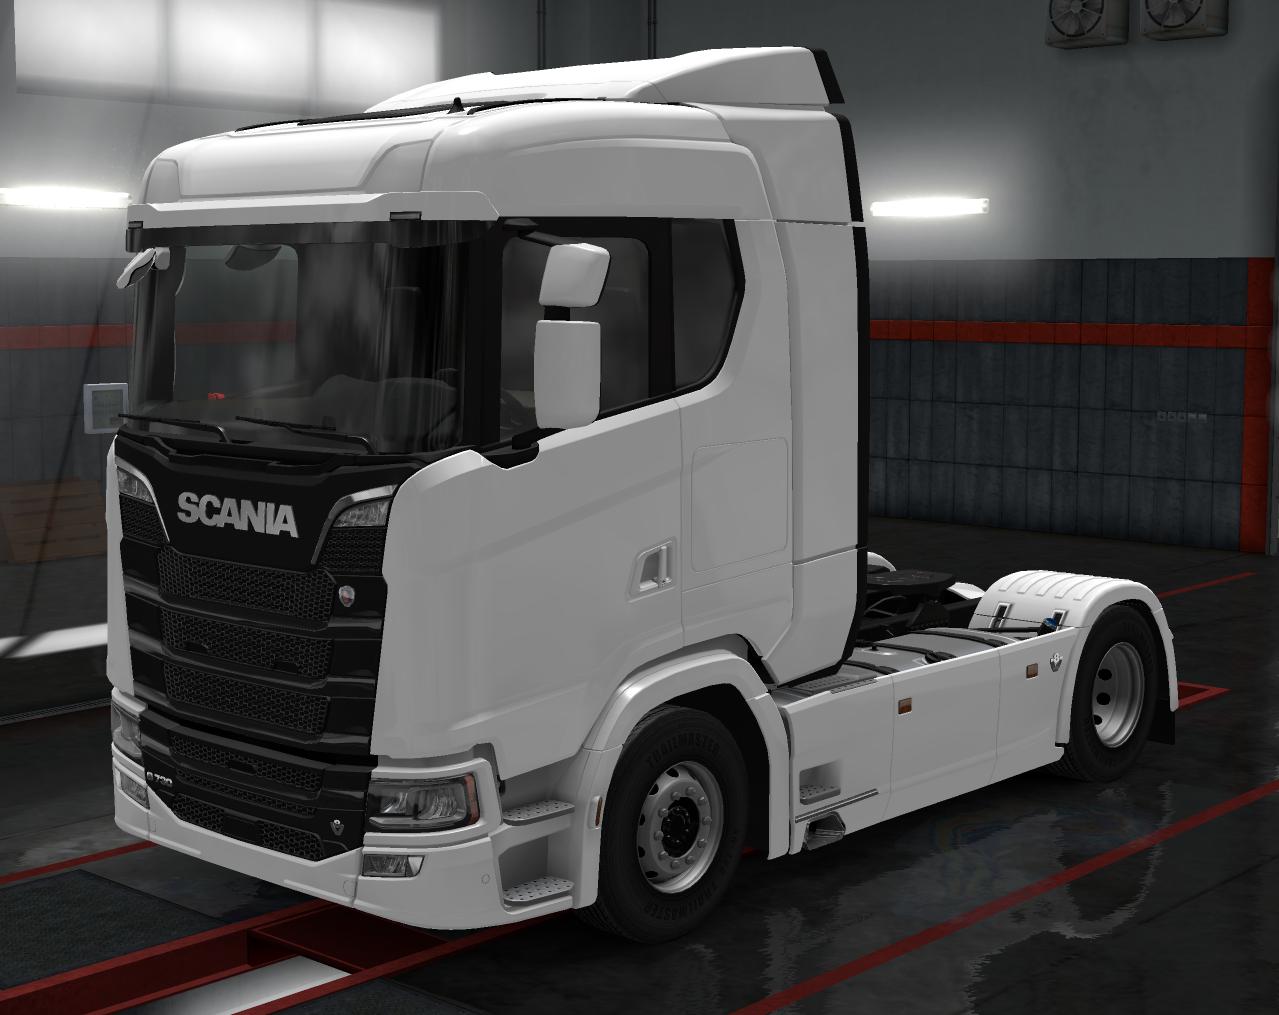 Scania S | Truck Simulator Wiki | FANDOM powered by Wikia